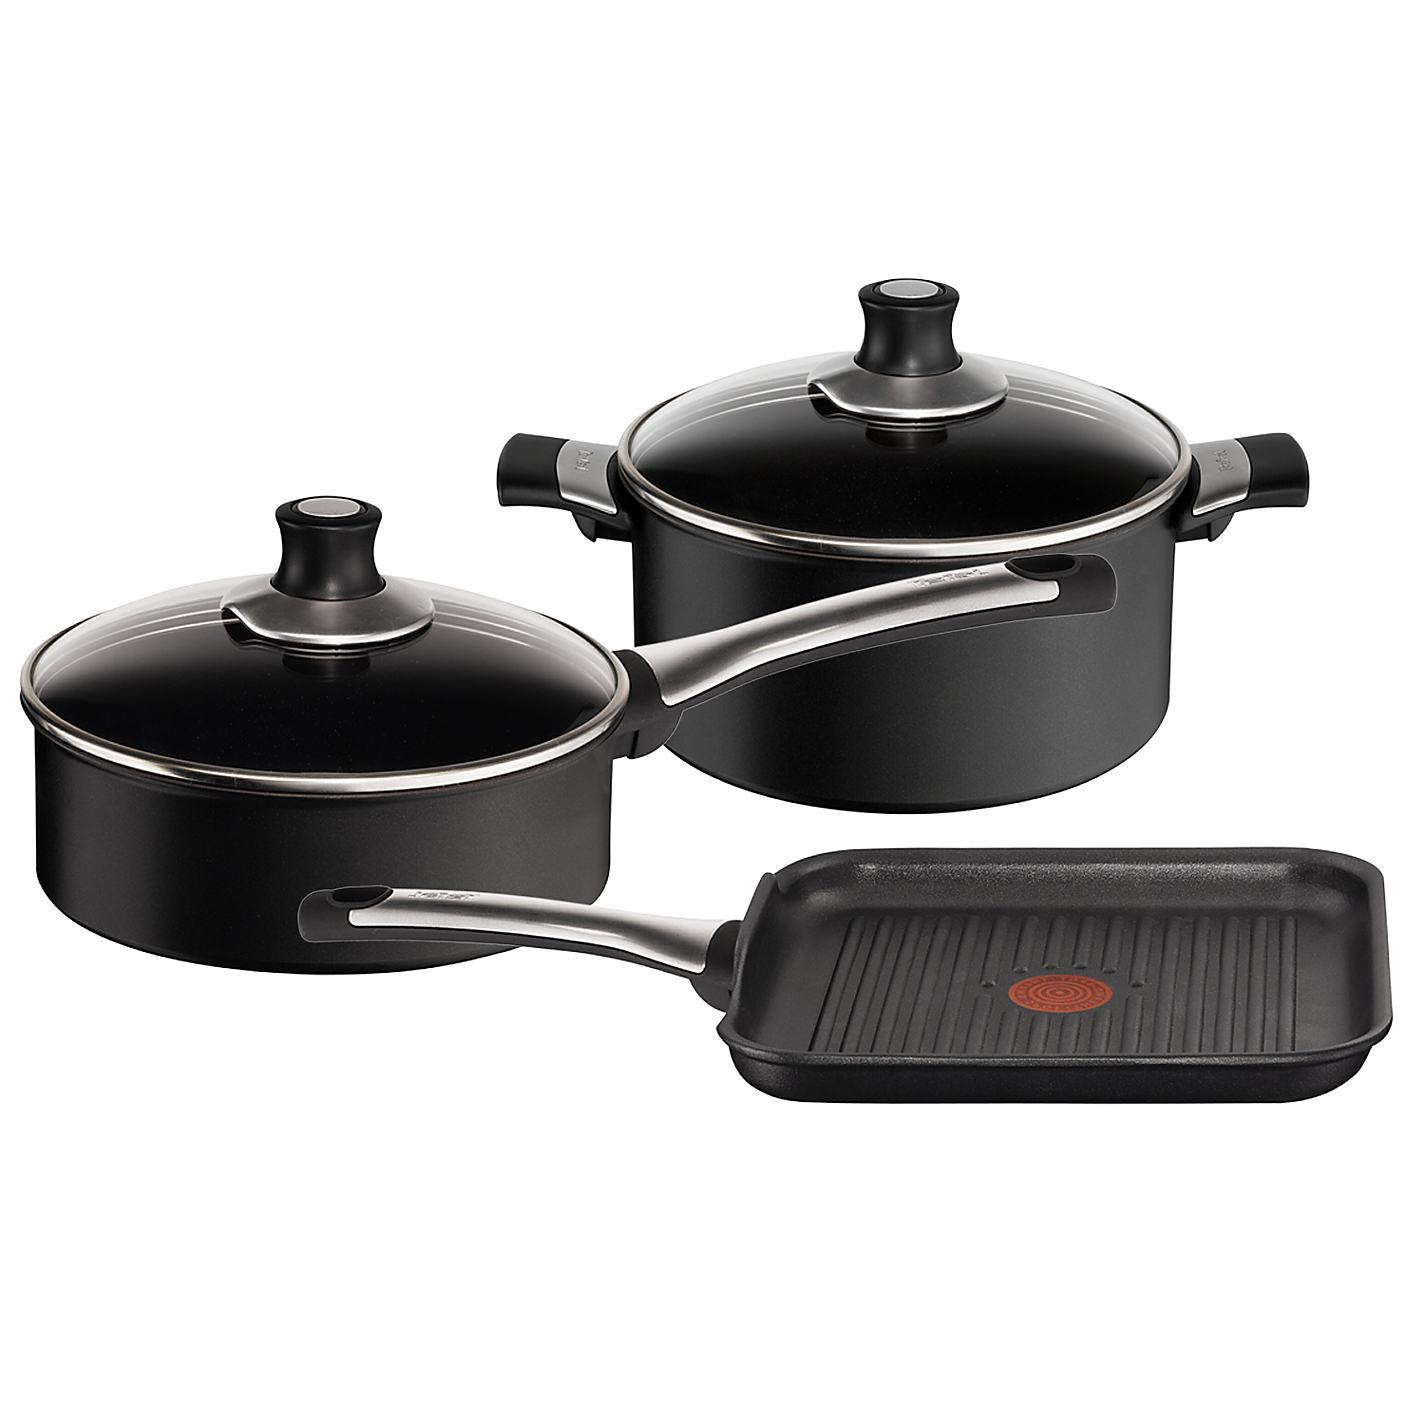 Tefal - Tefal raclette grill john lewis ...